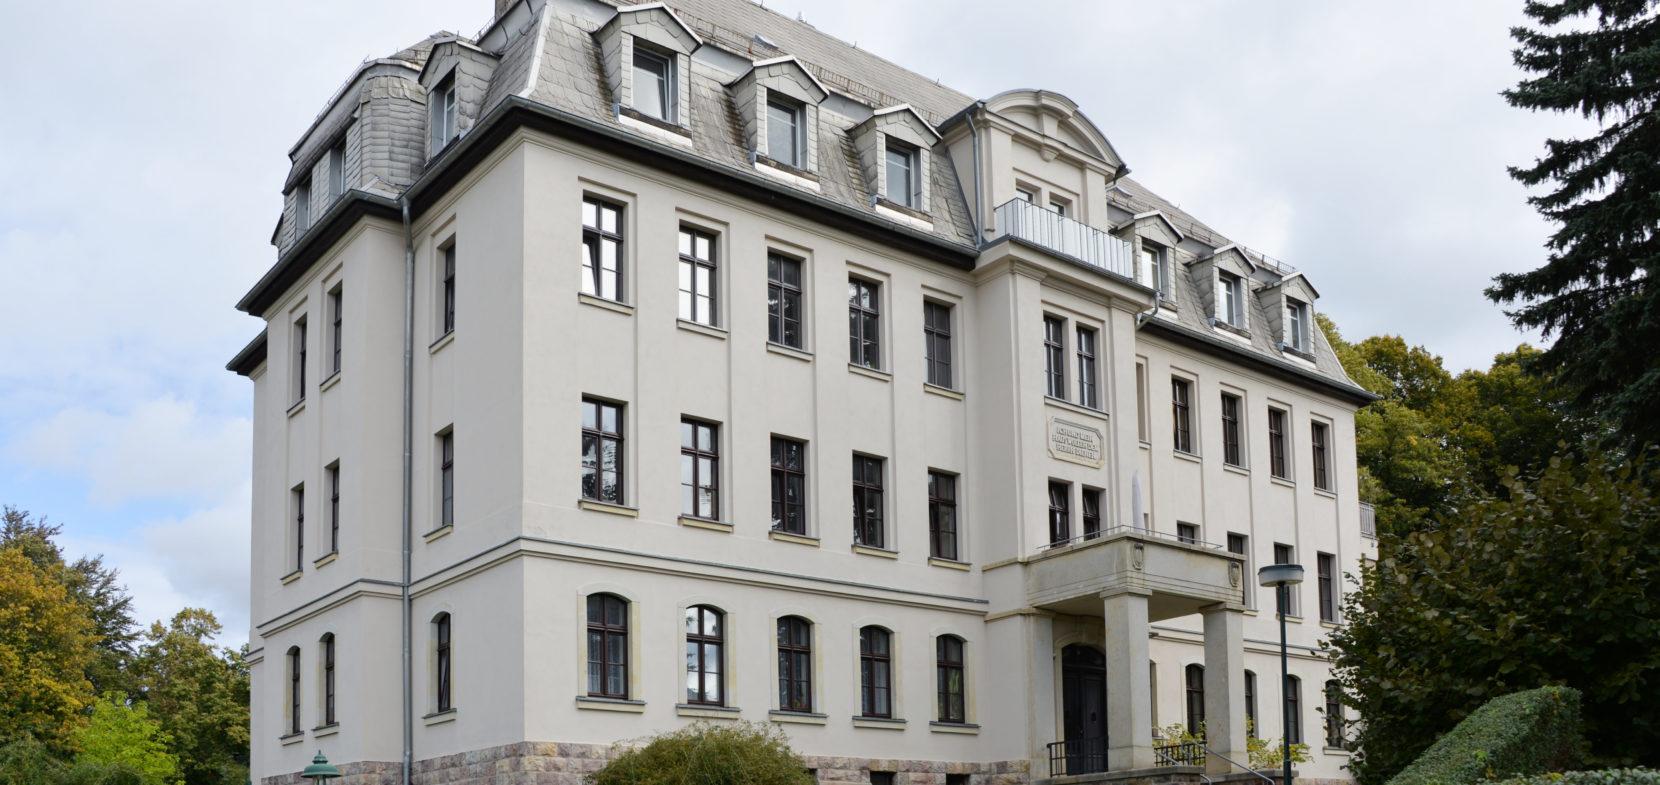 Trinitatiskirchgemeinde Chemnitz-Hilbersdorf